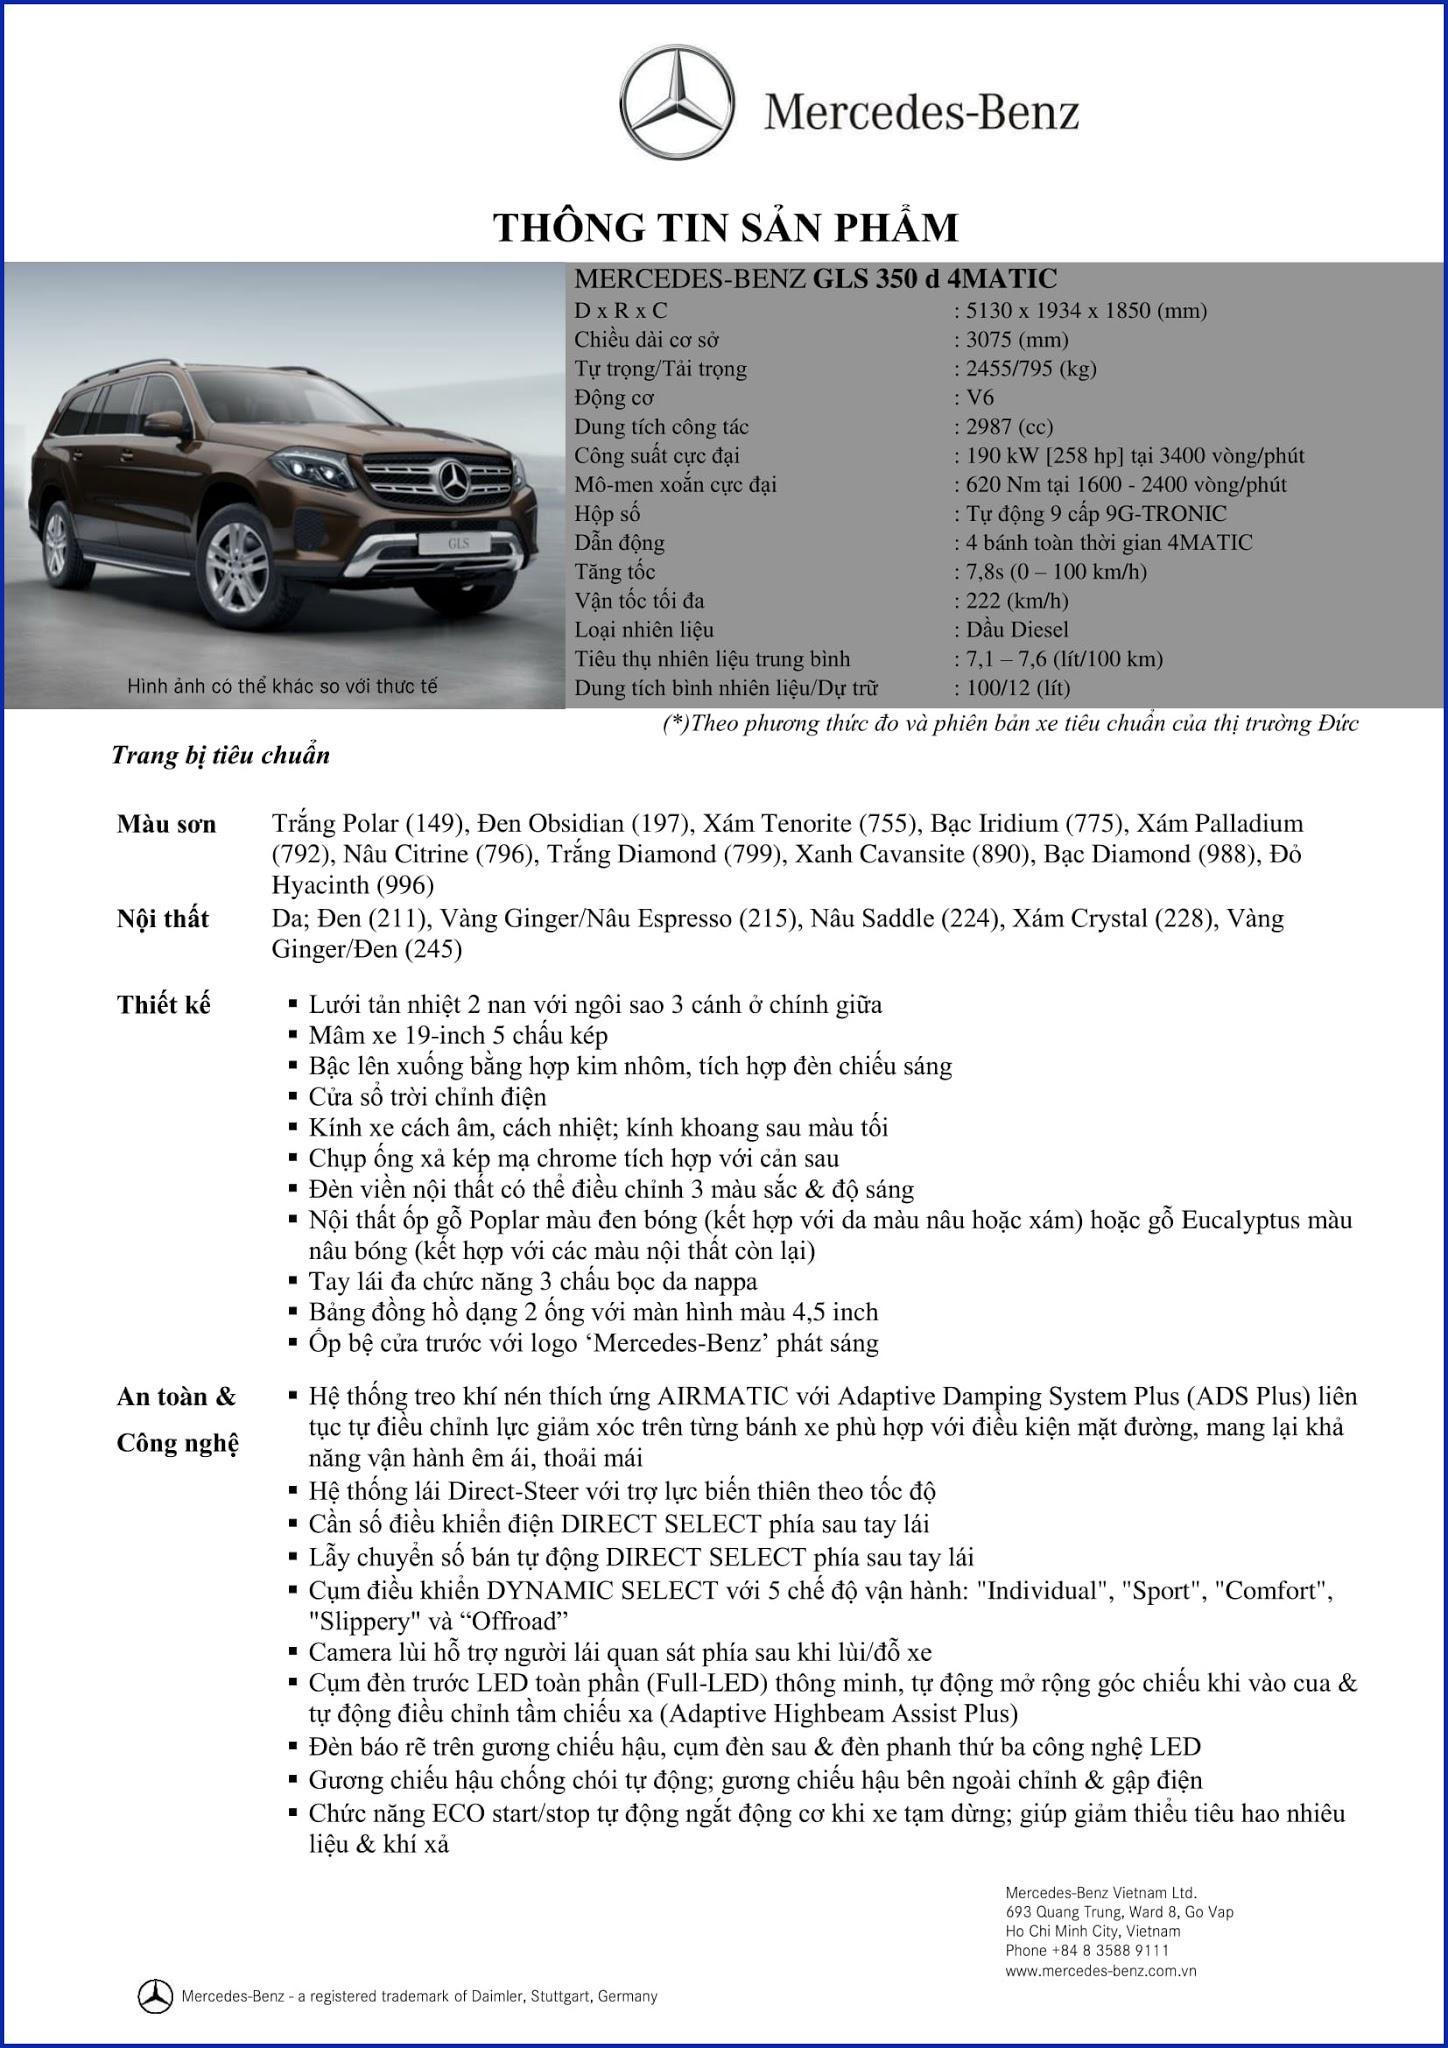 Bảng thông số kỹ thuật Mercedes GLS 350d 4MATIC 2017 tại Mercedes Trường Chinh